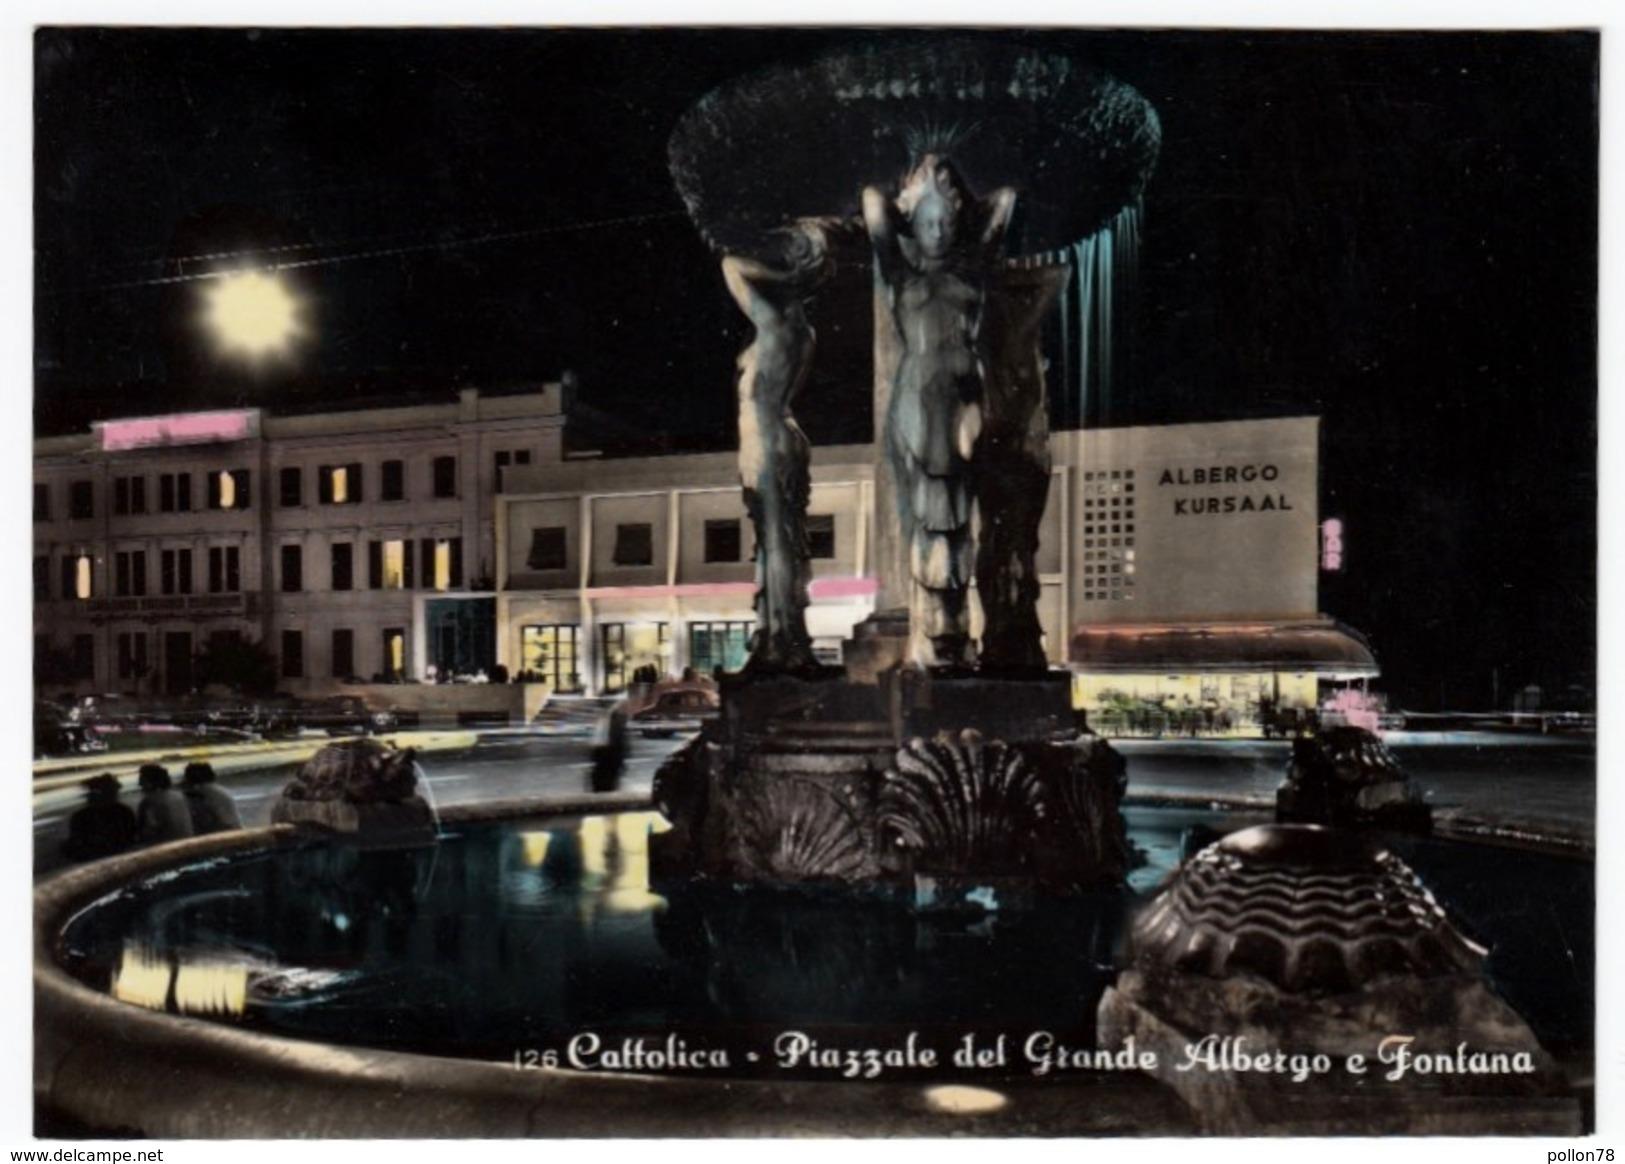 CATTOLICA - PIAZZALE DEL GRANDE ALBERGO E FONTANA - RIMINI - 1958 - Rimini